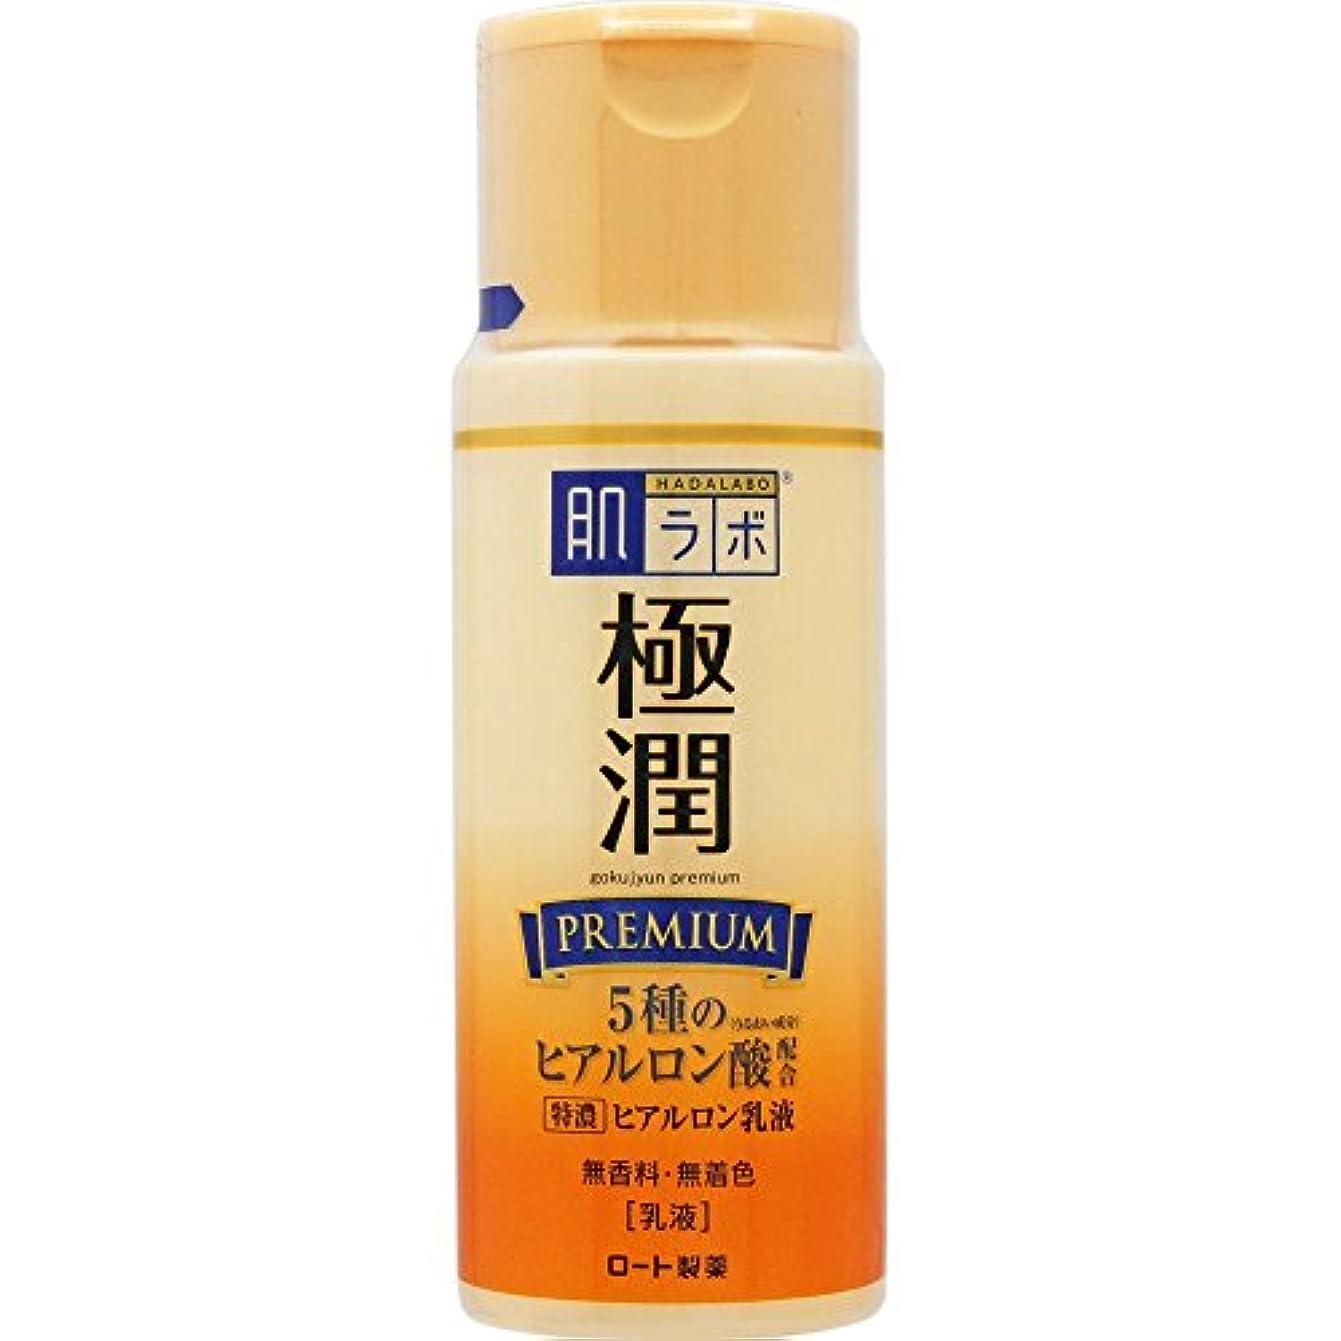 塗抹ごみサンダース肌ラボ 極潤プレミアム 特濃ヒアルロン乳液 ヒアルロン酸5種類×サクラン配合 140ml